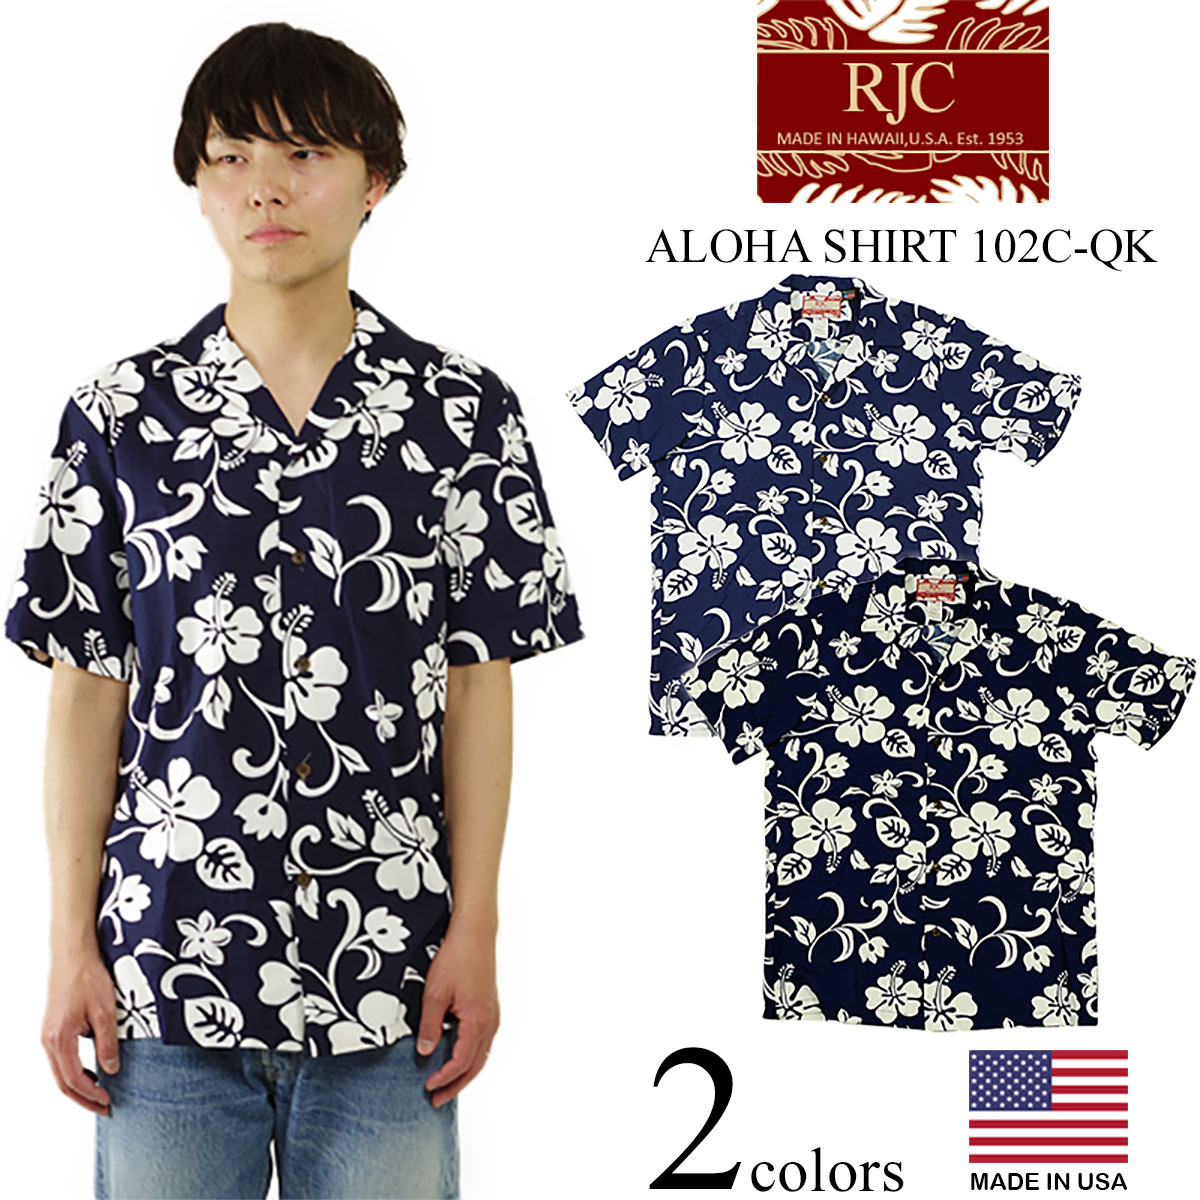 ロバートJクランシー RJC 半袖 アロハシャツ #102C-QK ハワイ製 (ROBERT J. CLANCY 米国製 コットン 開襟)